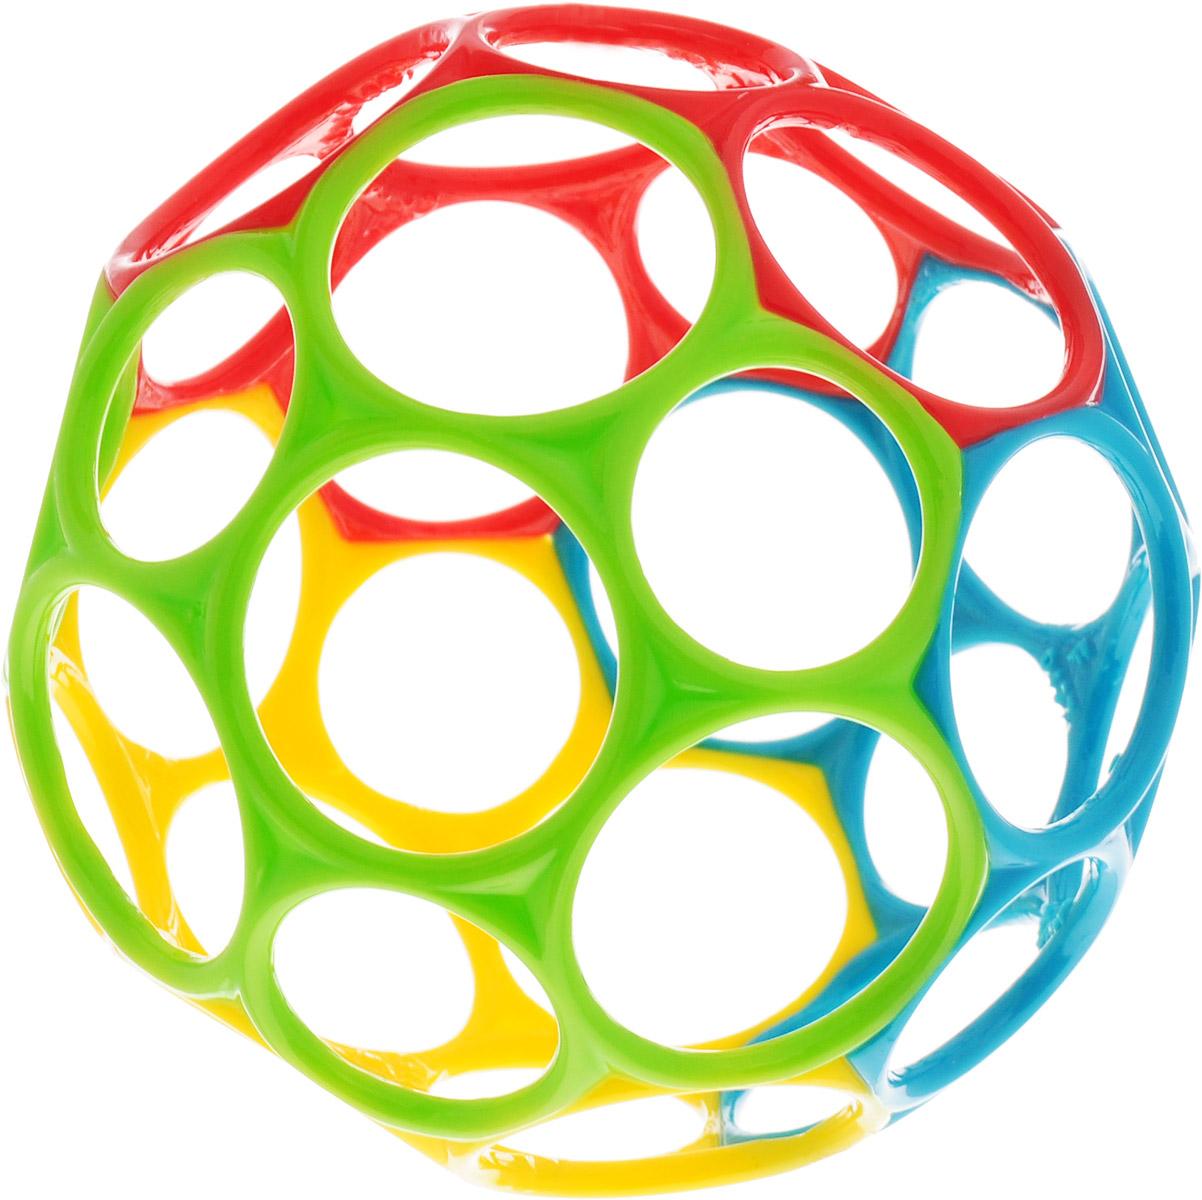 Oball Развивающая игрушка Мячик цвет красный салатовый желтый голубой развивающие игрушки oball мячик на присоске